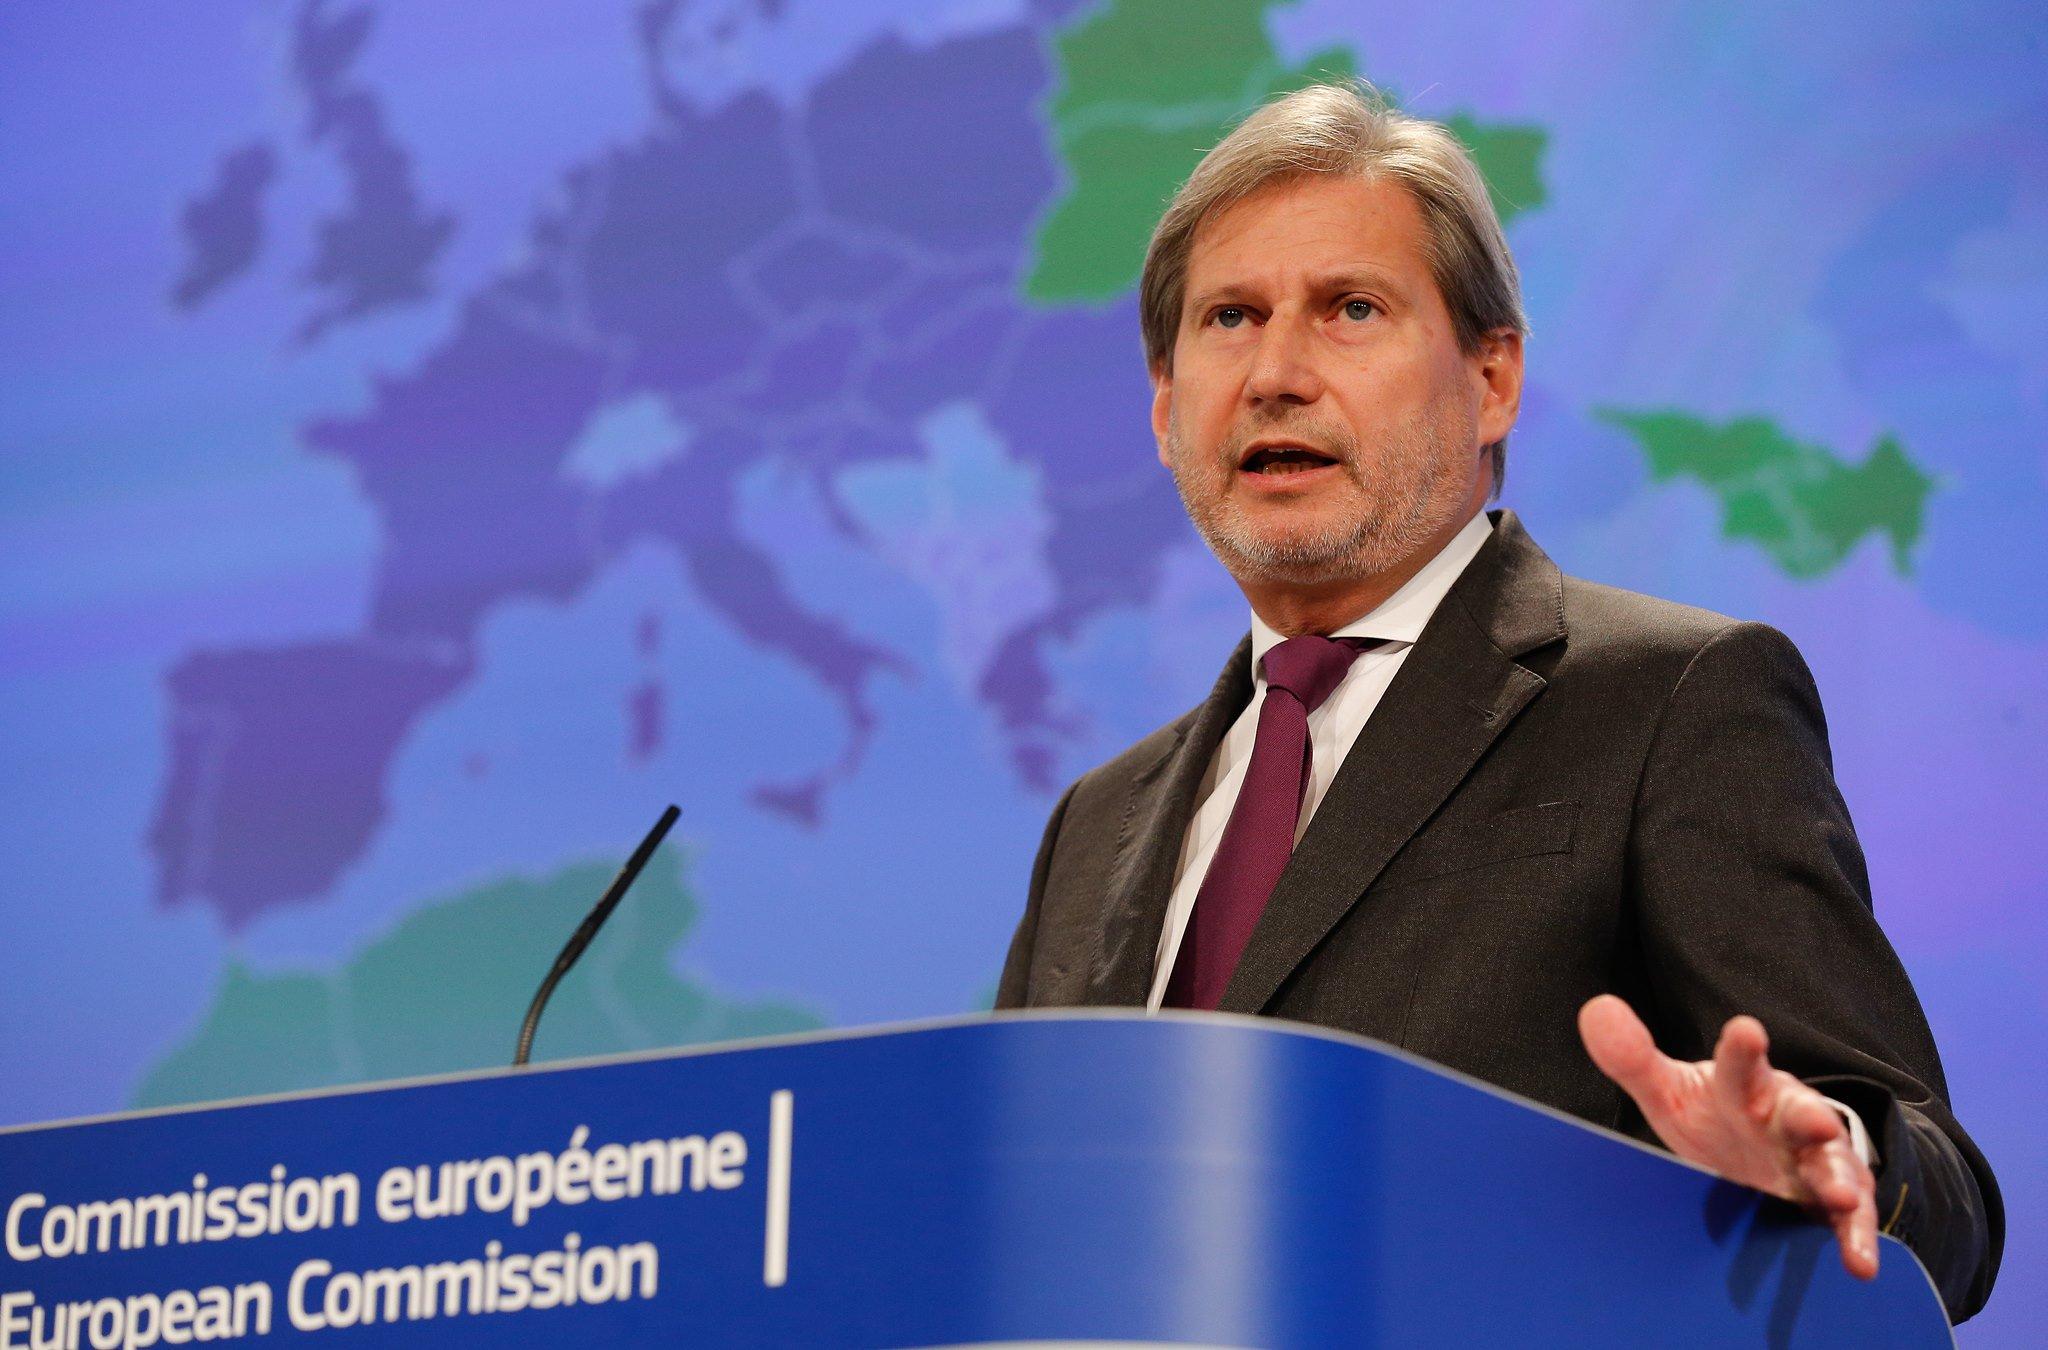 Αισιόδοξος παρουσιάζεται Επίτροπος Hahn για την έναρξη διαπραγματεύσεων προσχώρησης Αλβανίας και Βόρειας Μακεδονίας